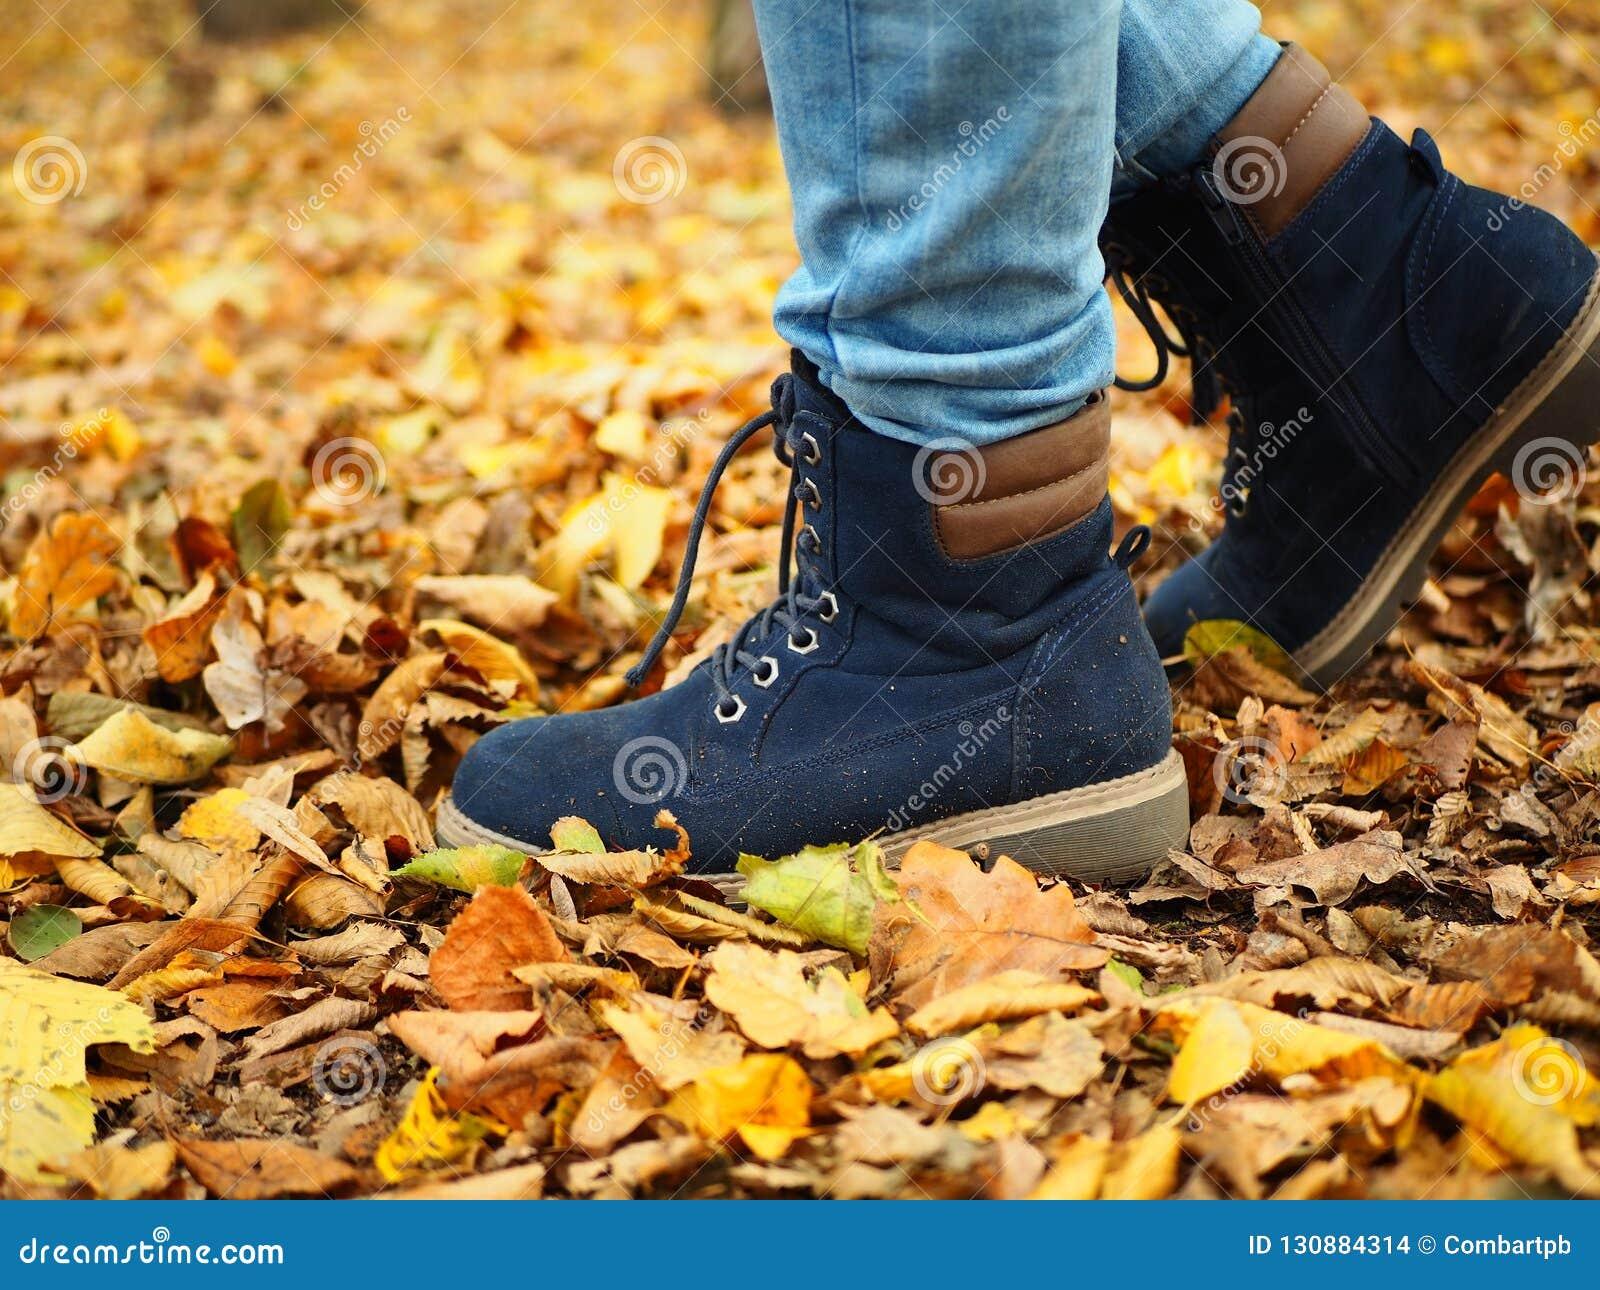 Paseo del niño en el parque, trayectoria por completo de las hojas, solamente piernas visibles